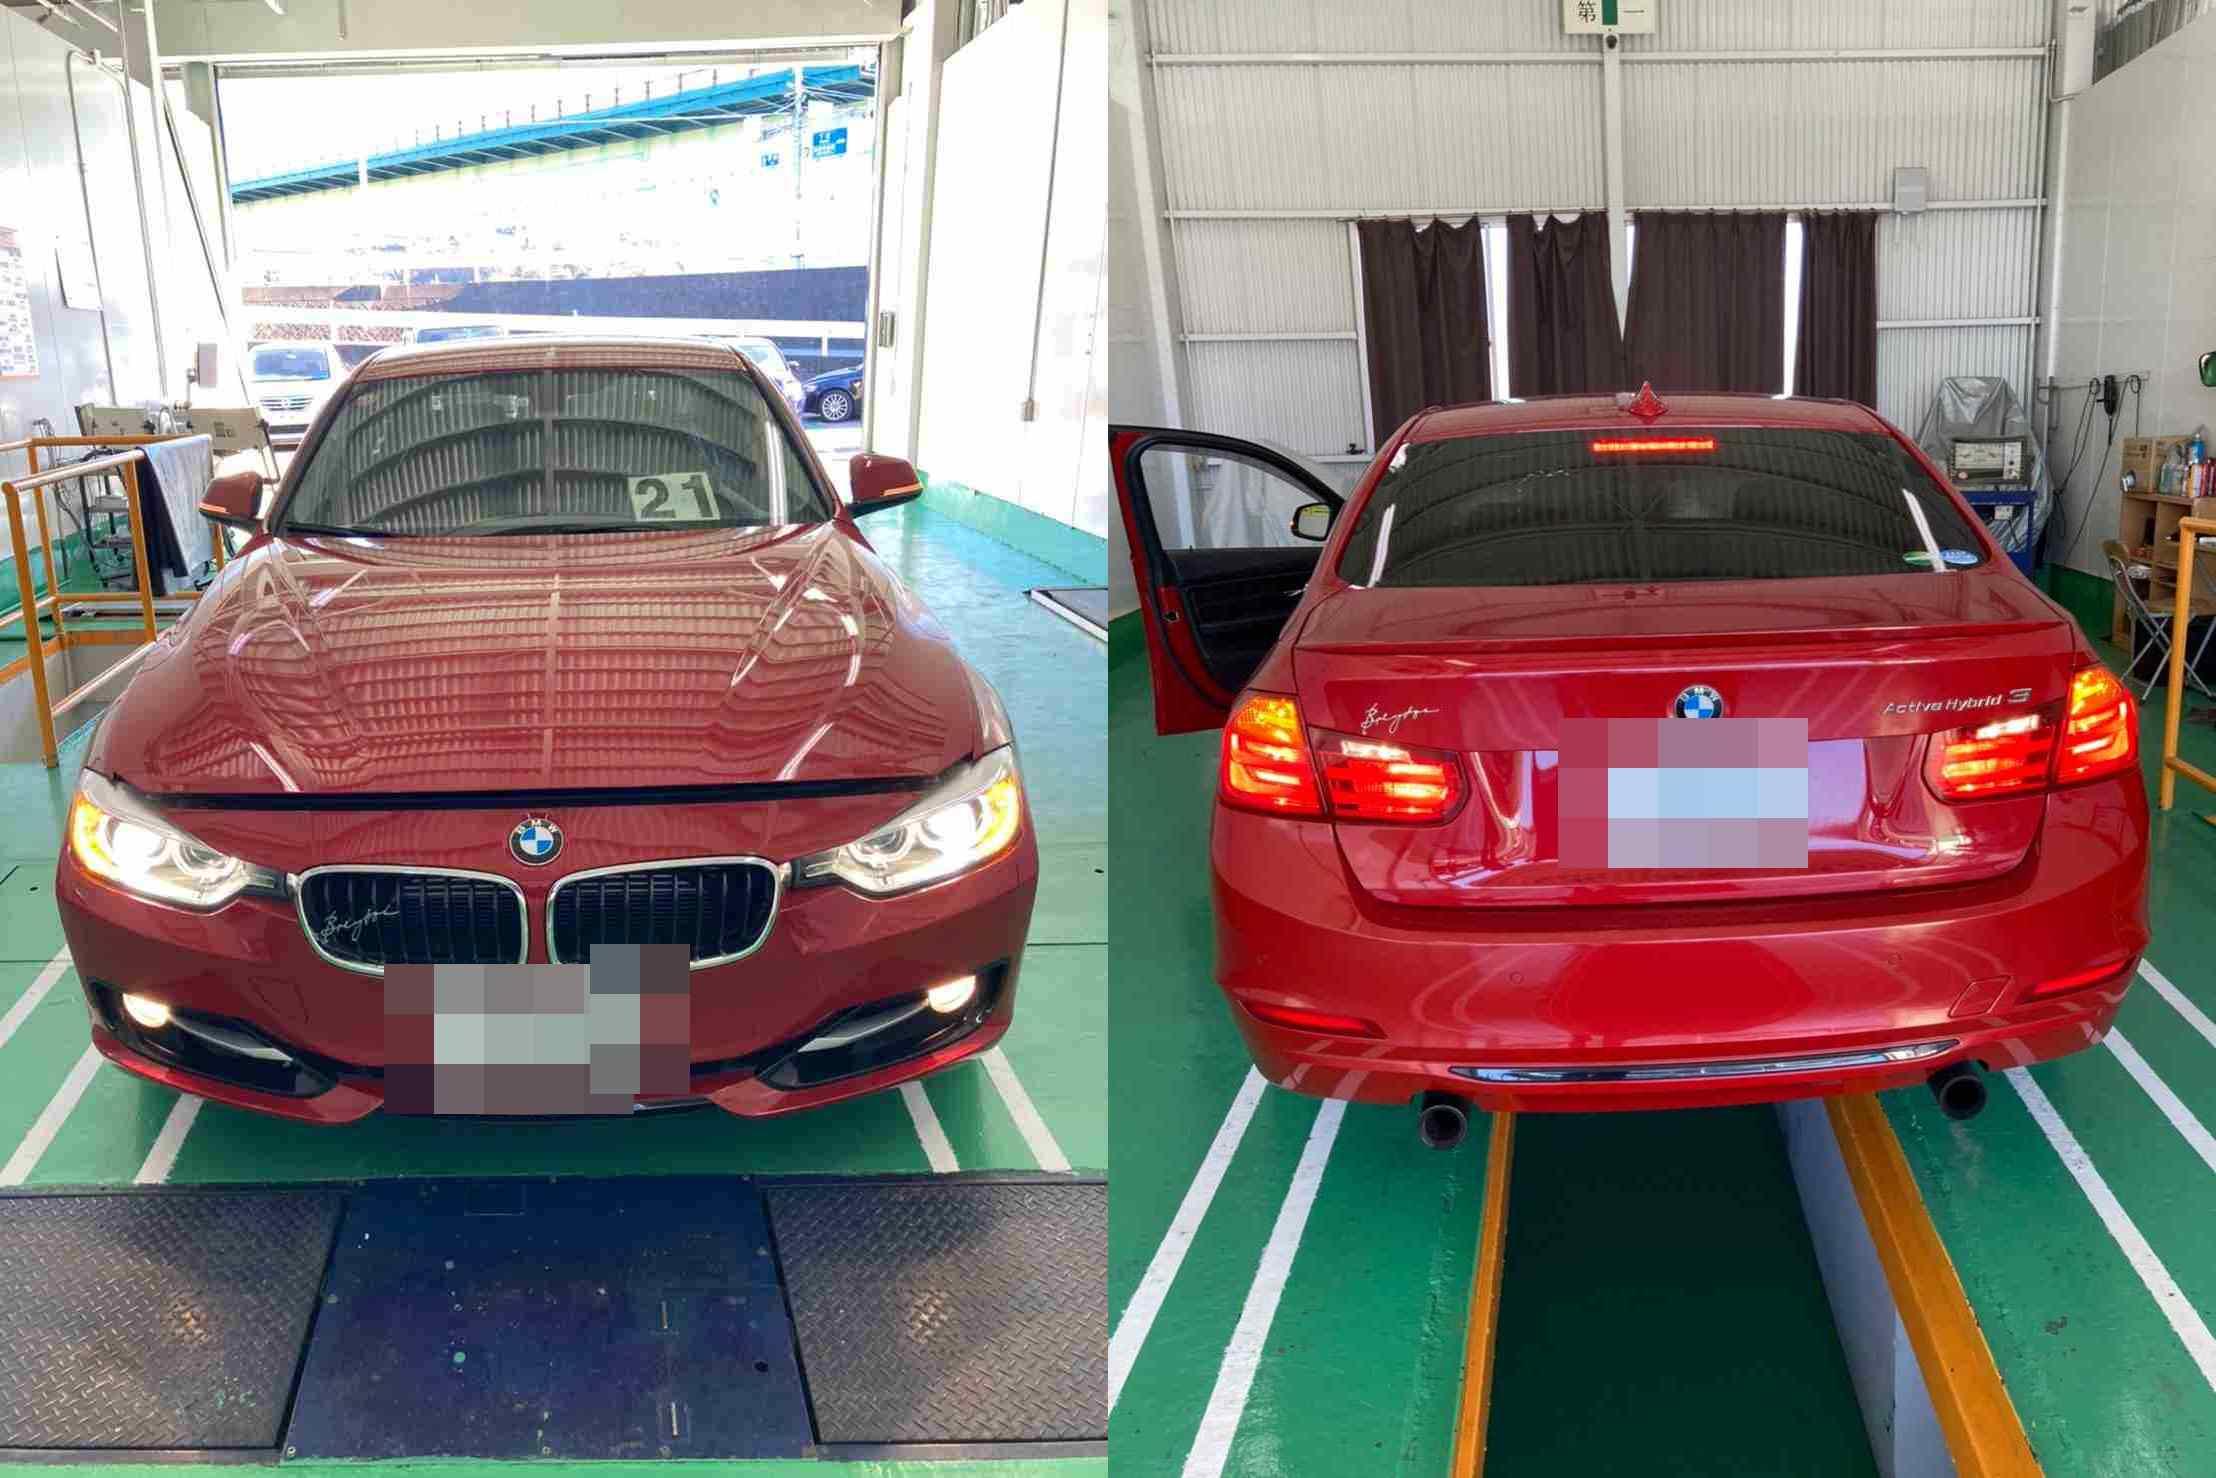 H24 BMW アクティブハイブリッド3 ブレーキ警告灯点灯、左右ドアランプ不灯